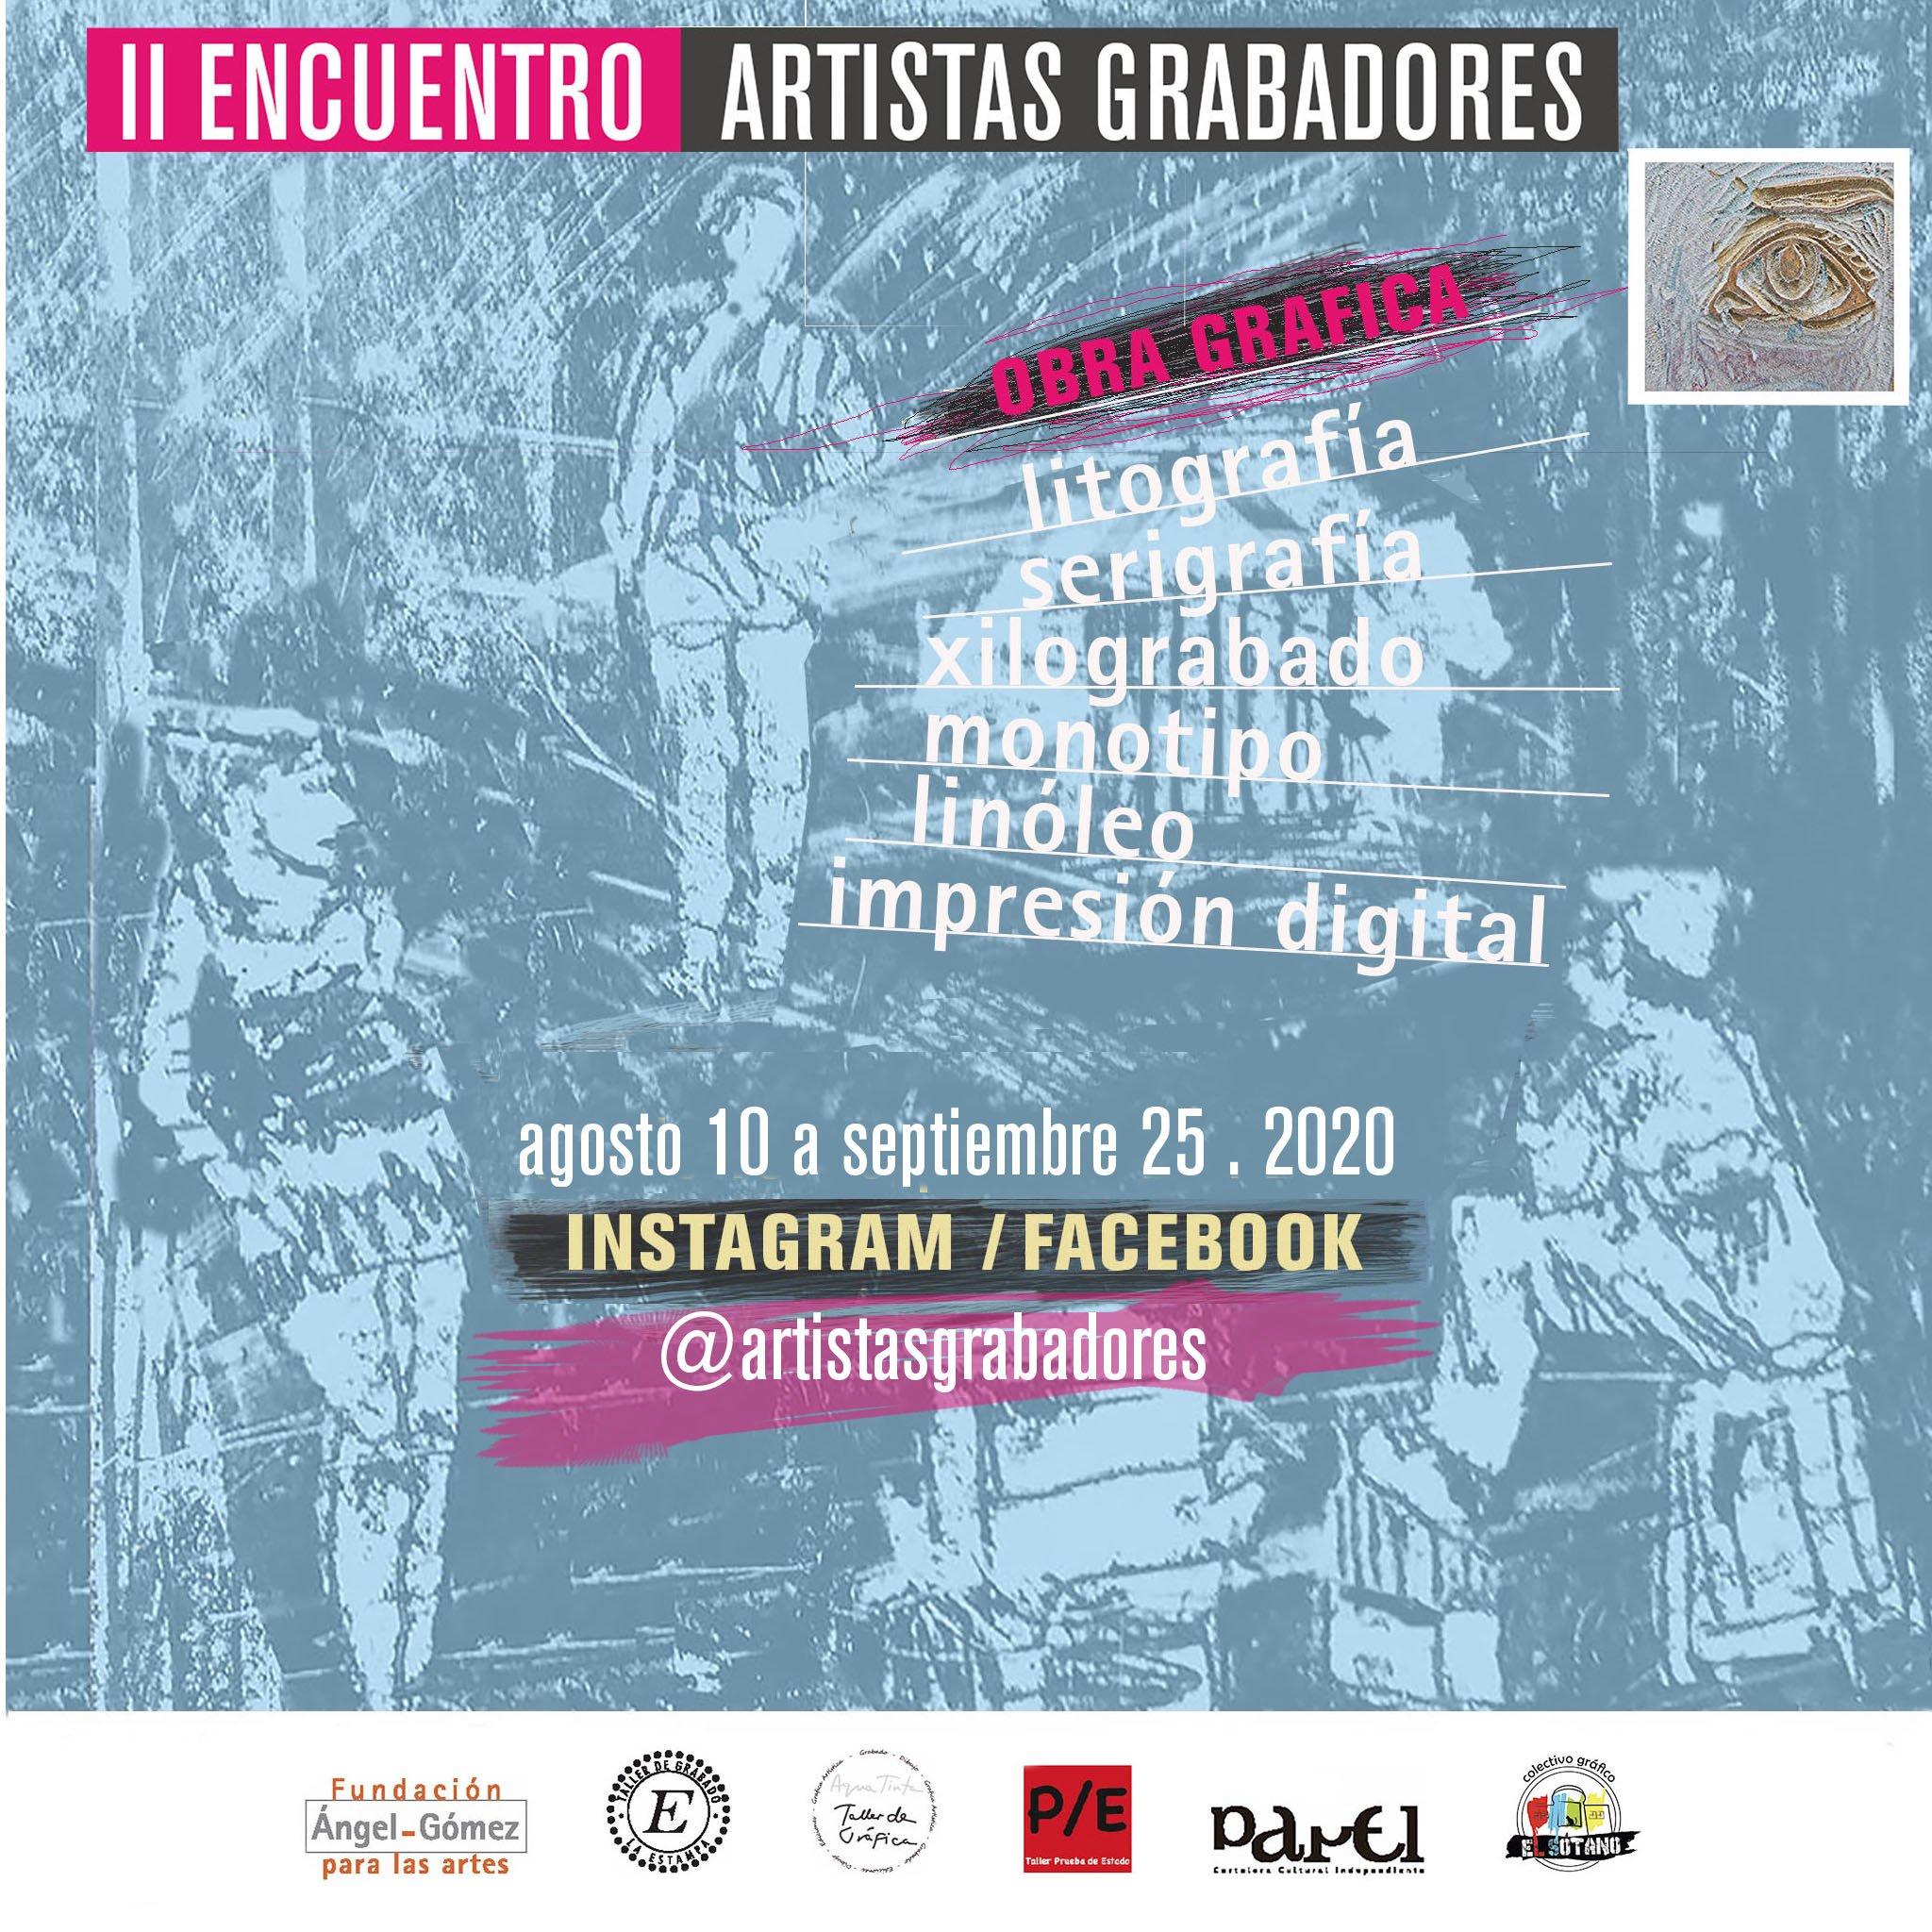 II Encuentro de Artistas Grabadores  será virtual - Afiche-Oficial-II-Encuentro-de-Artistas-Grabadores